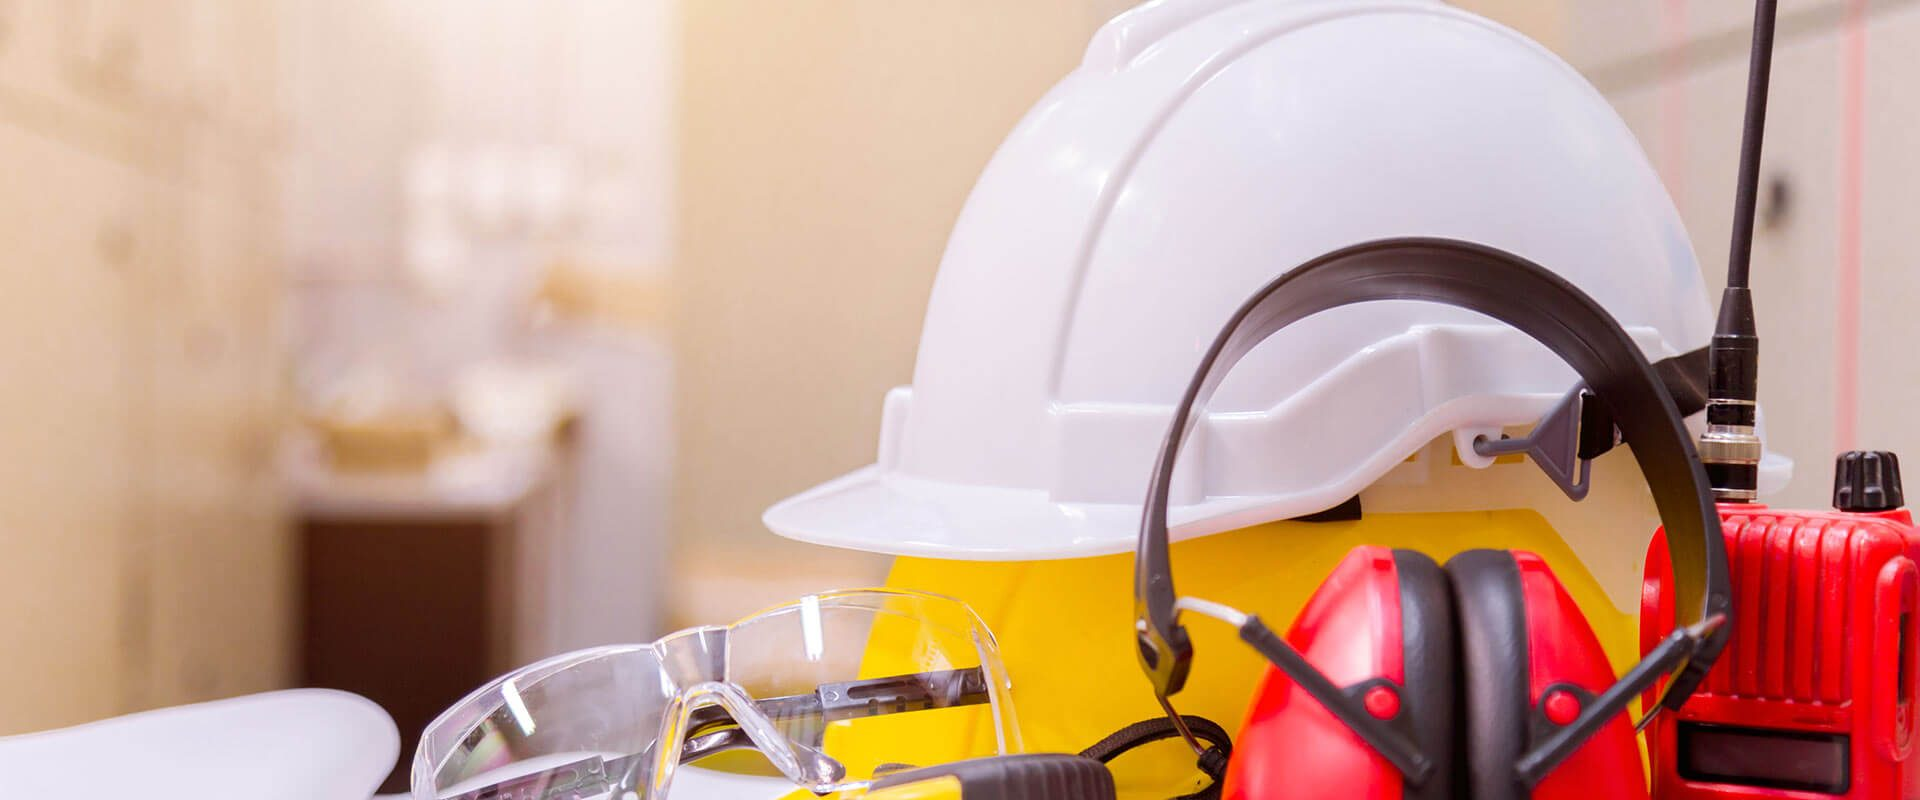 Ihr Ansprechpartner in Sachen Arbeitssicherheit, Arbeitsmedizin und Brandschutz.